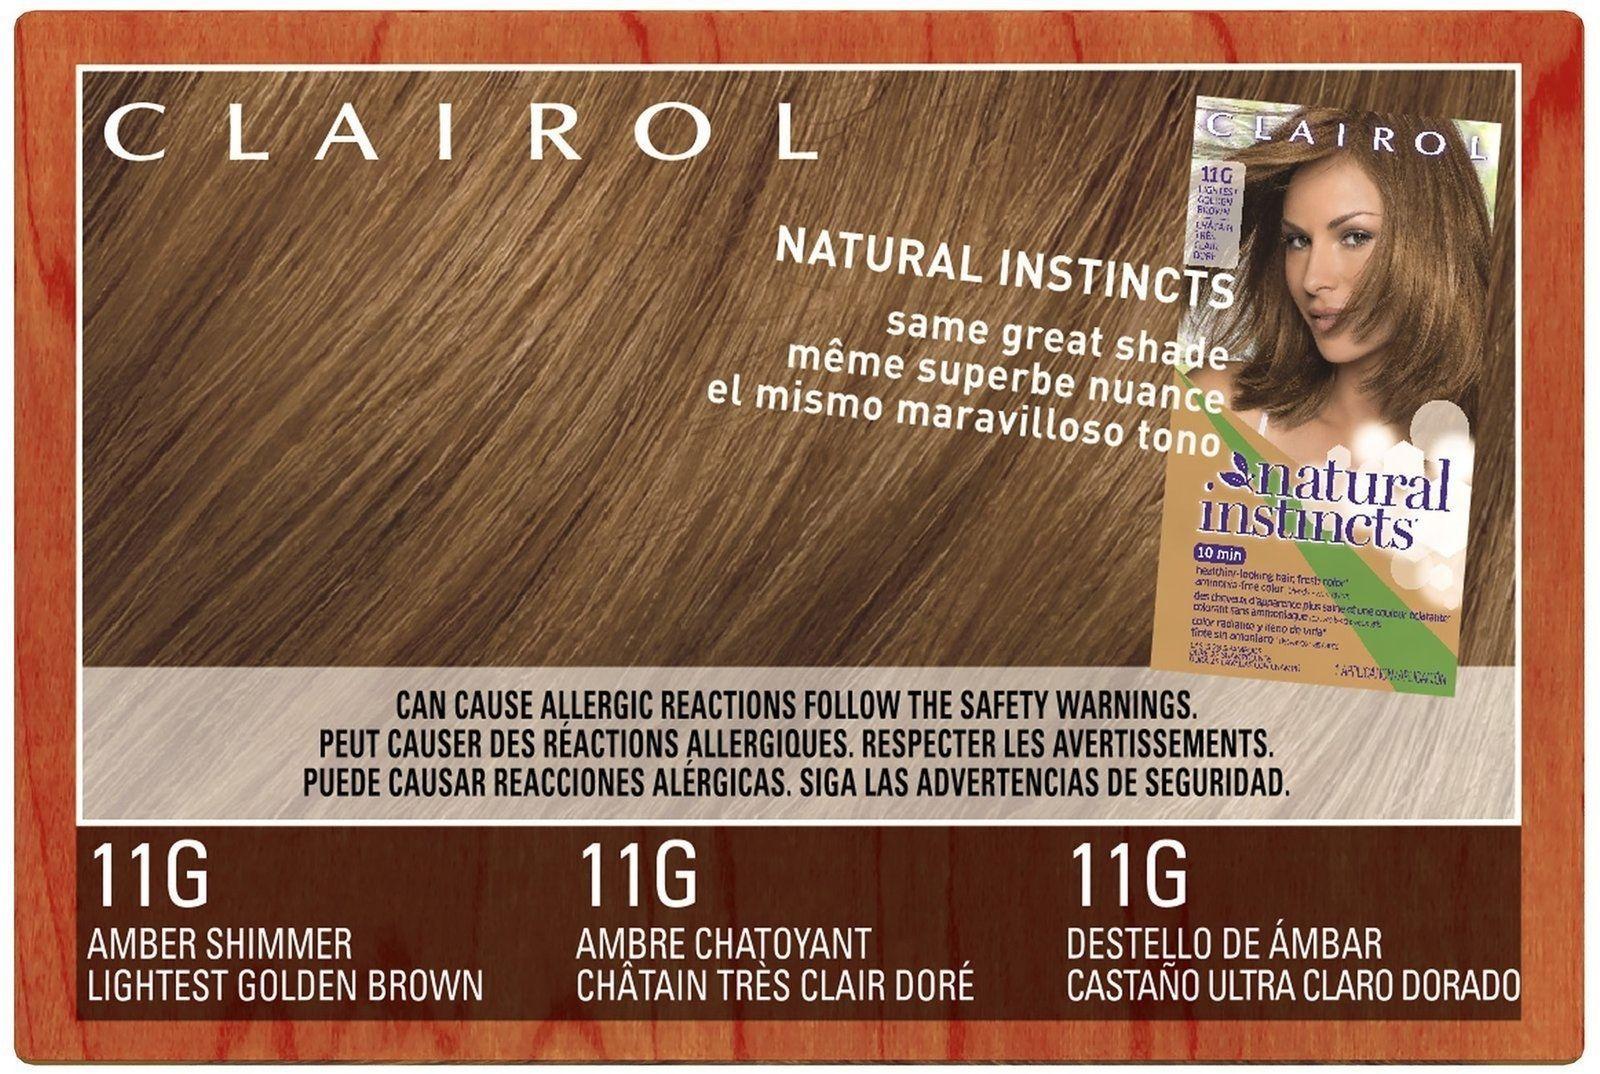 Clairol Natural Instincts 011g Amber Shimmer Lightest Golden Brown